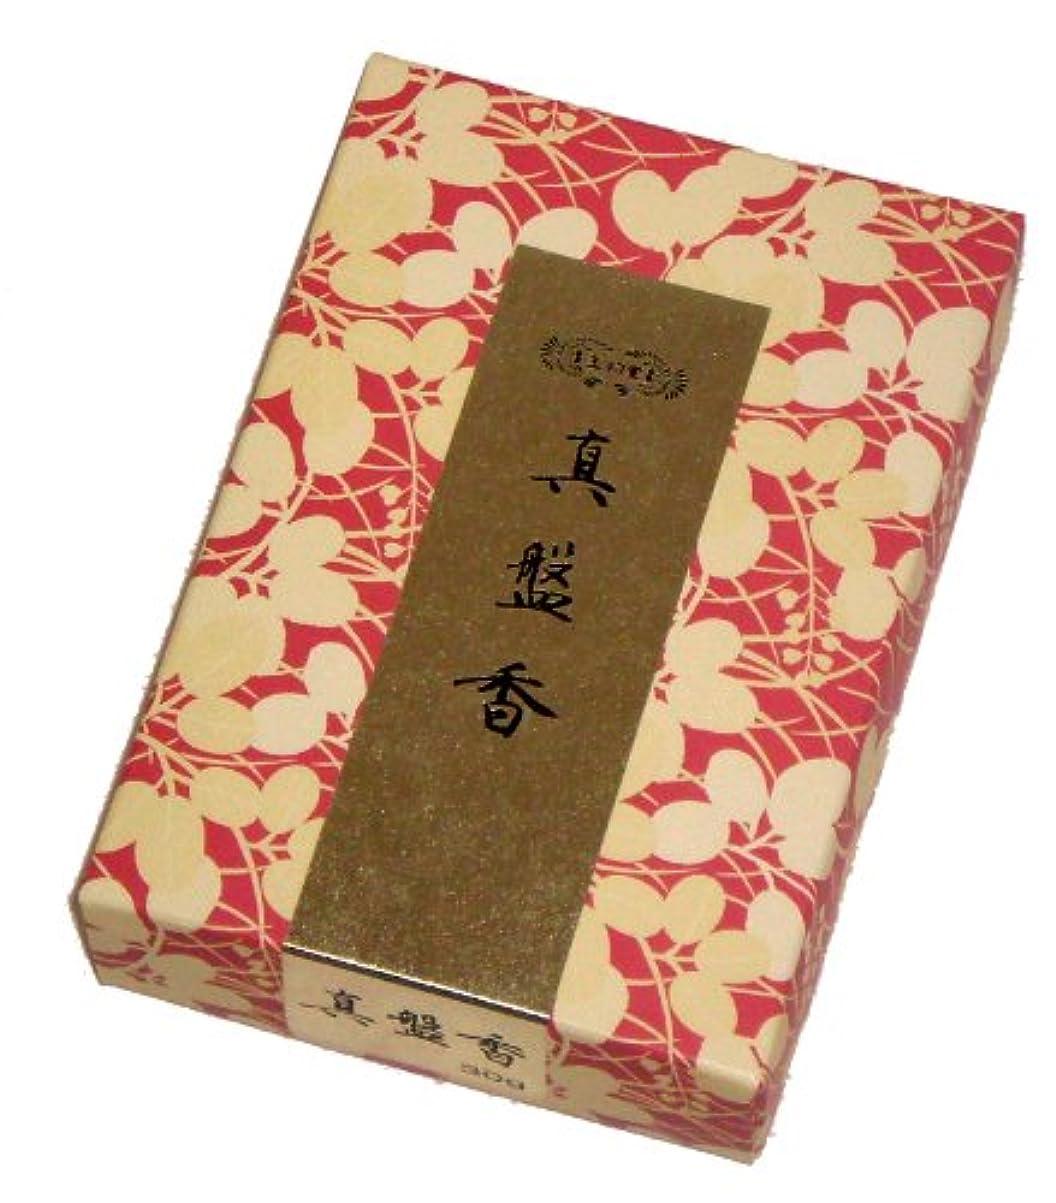 比較麺退屈させる玉初堂のお香 真盤香 30g #615